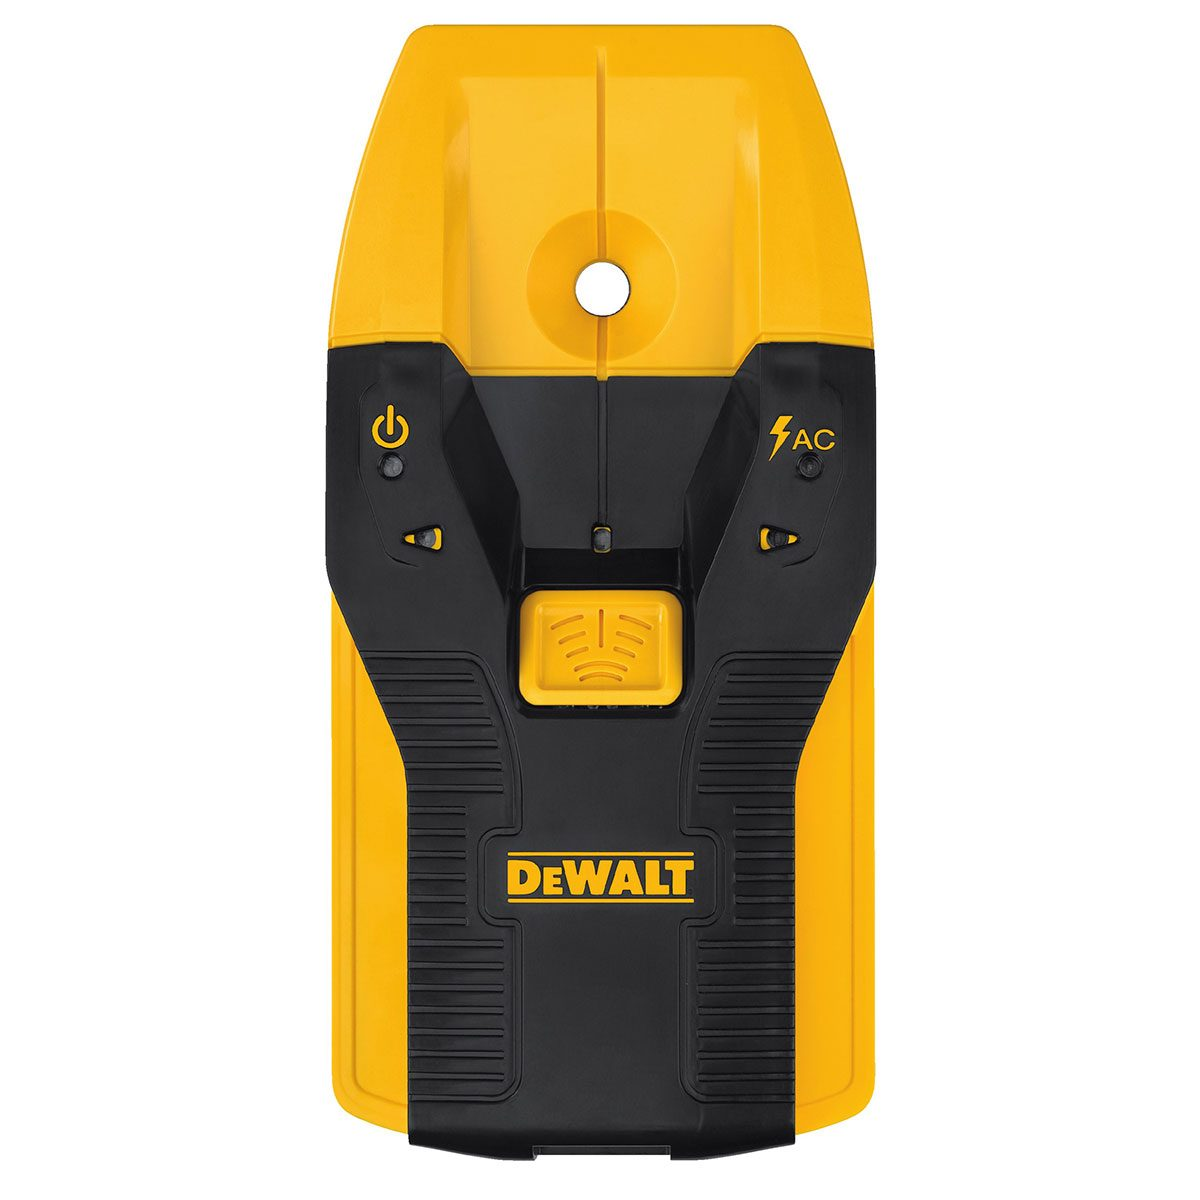 DEWALT's first ever Stud Finder | Construction Pro Tips